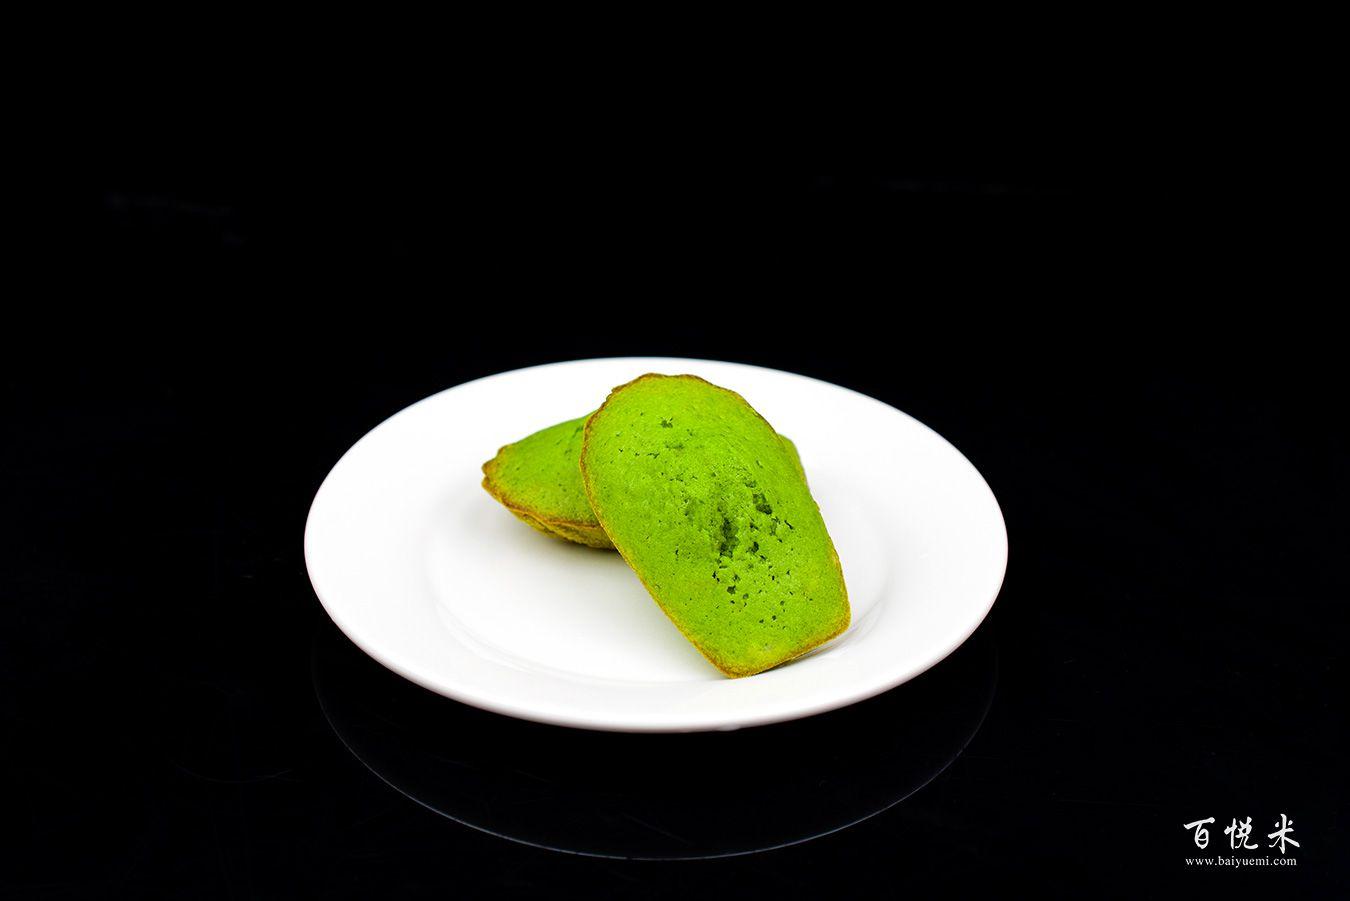 抹茶蔓越莓玛德琳高清图片大全【蛋糕图片】_365